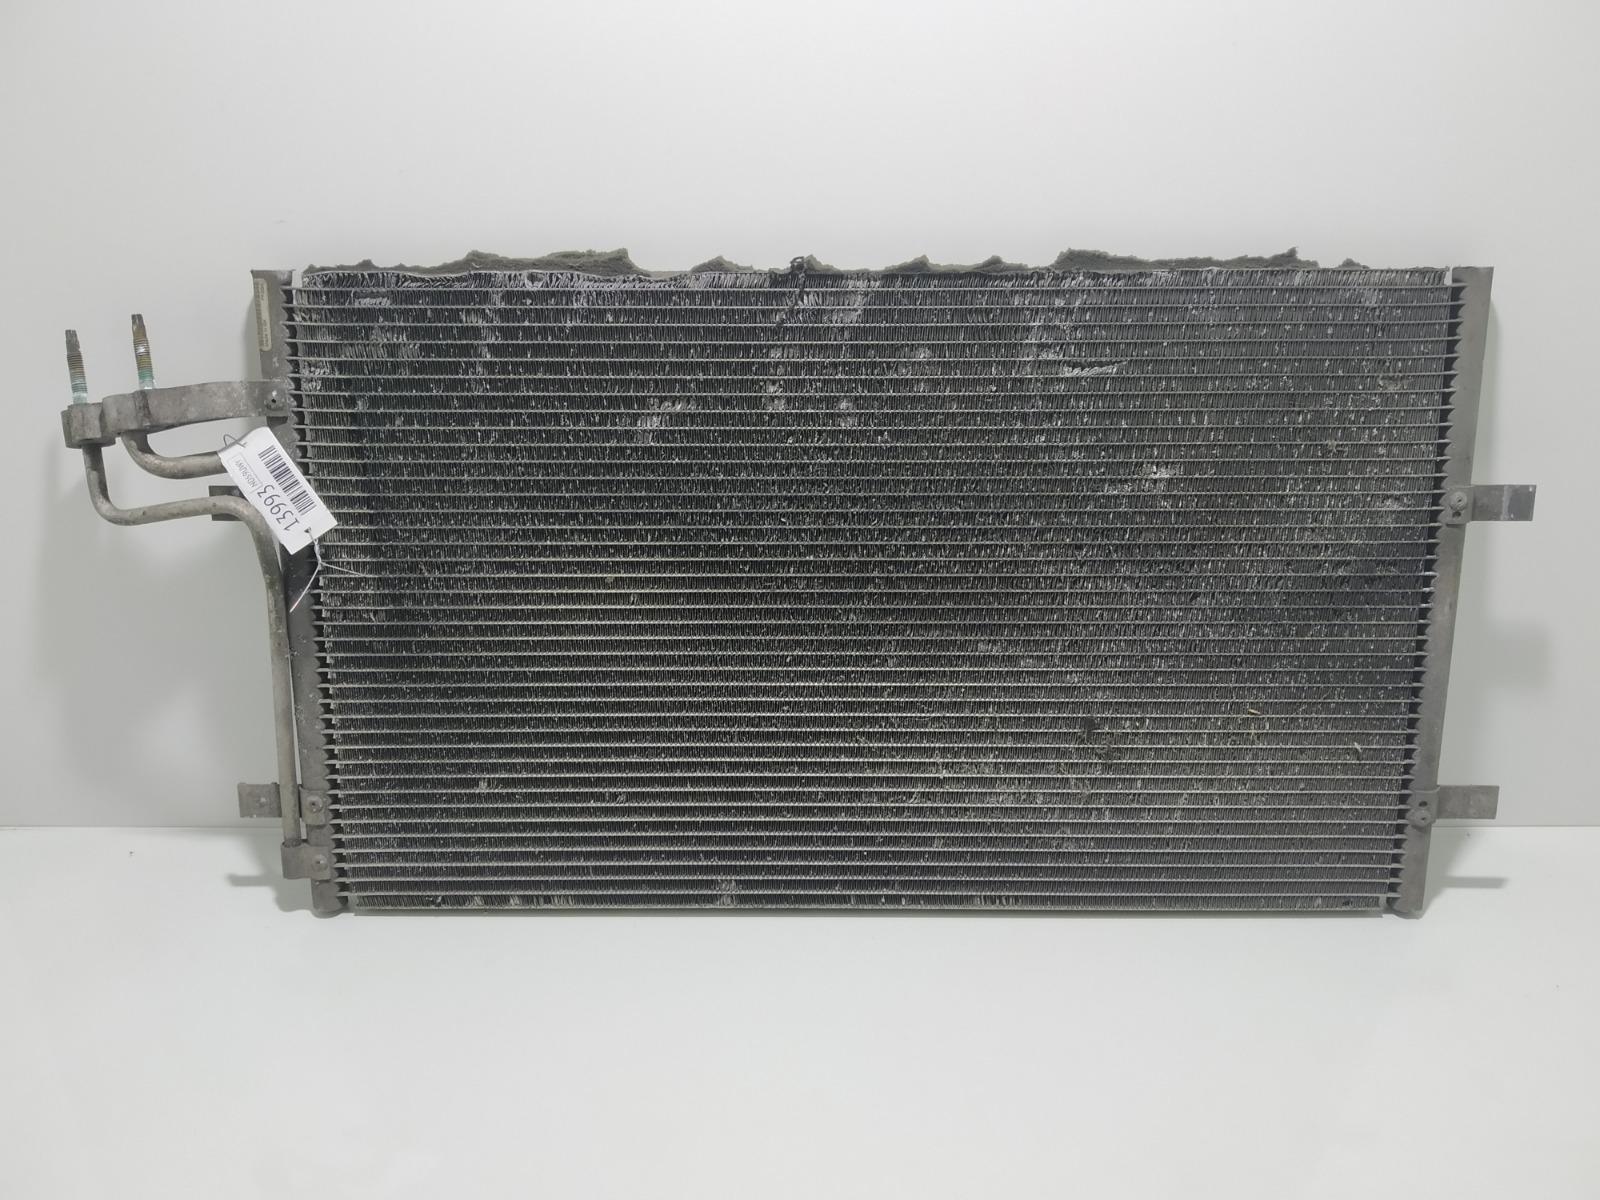 Радиатор кондиционера Ford Focus 1.8 TDCI 2009 (б/у)